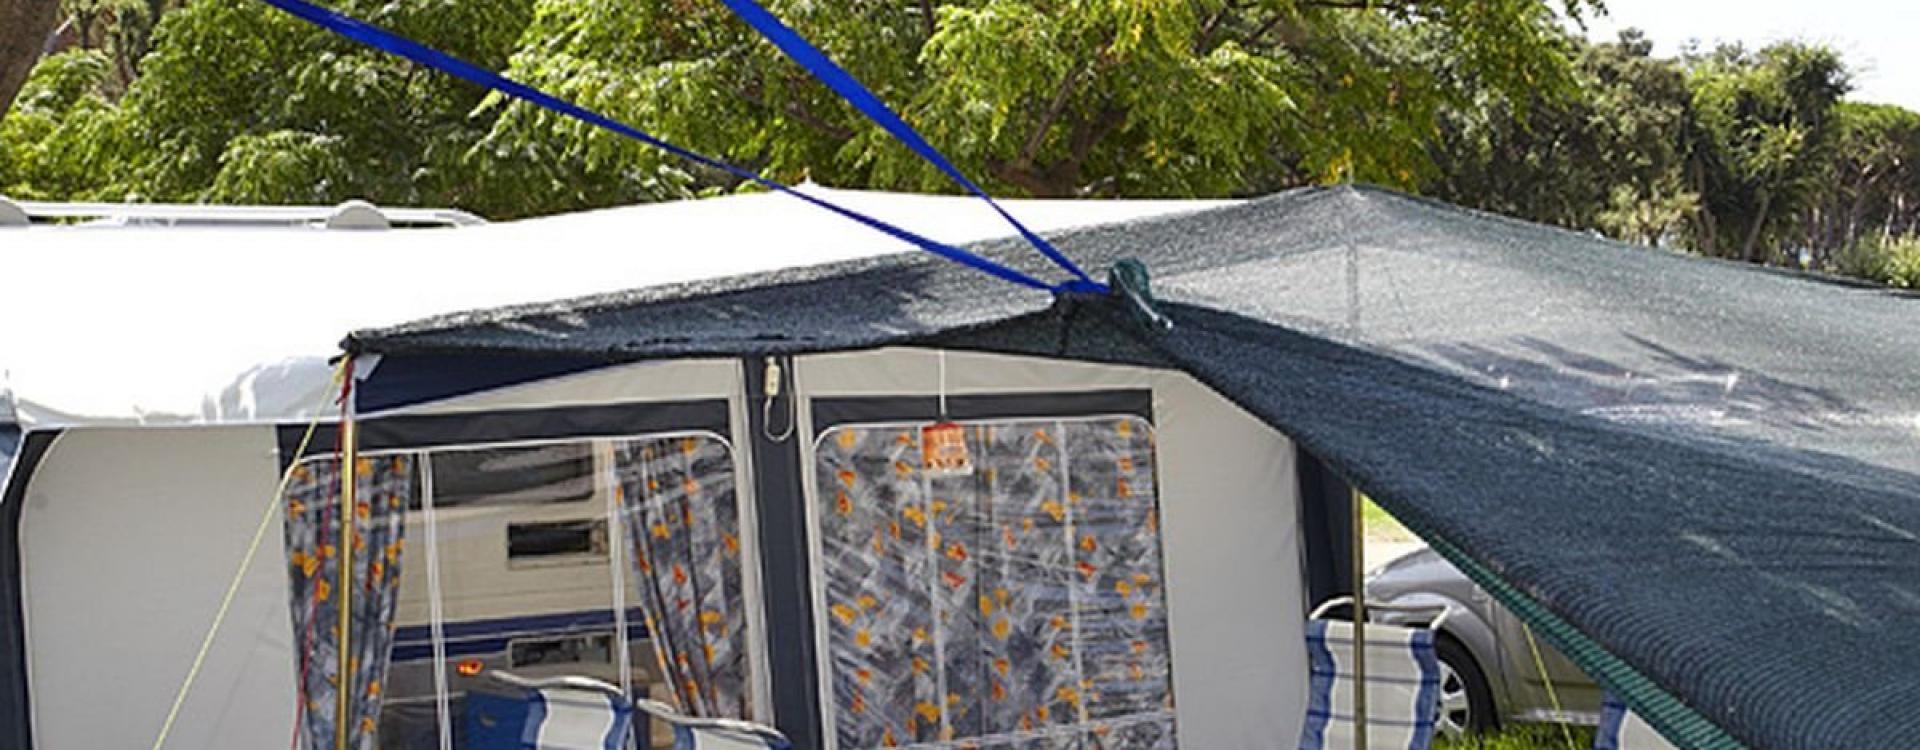 Parcelas del Camping Valldaro